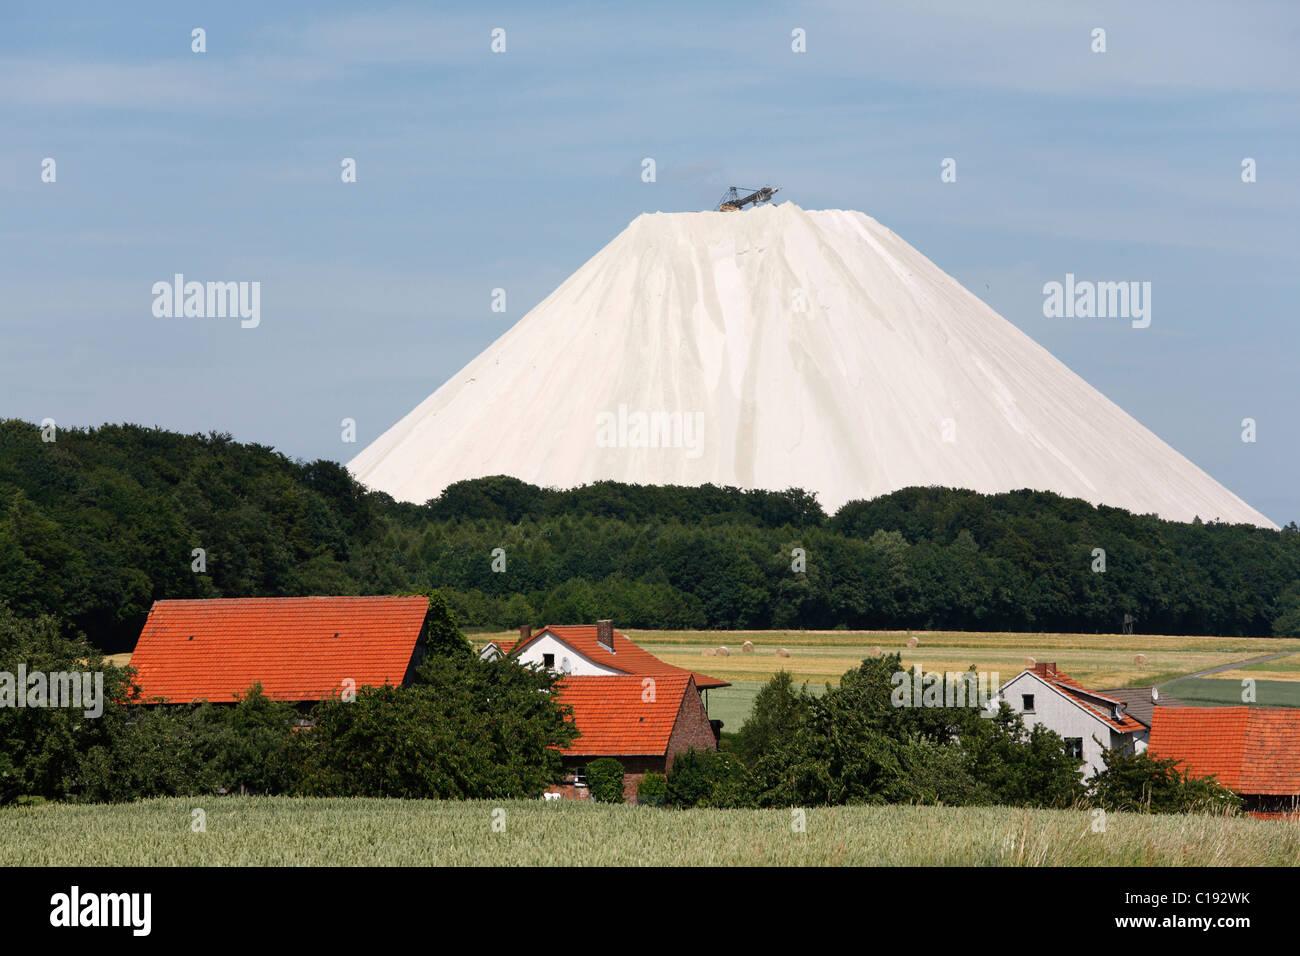 Verderben Sie Haufen aus dem Philipsthal Kali Werke, Rhön, Hessen, Deutschland, Europa Stockbild